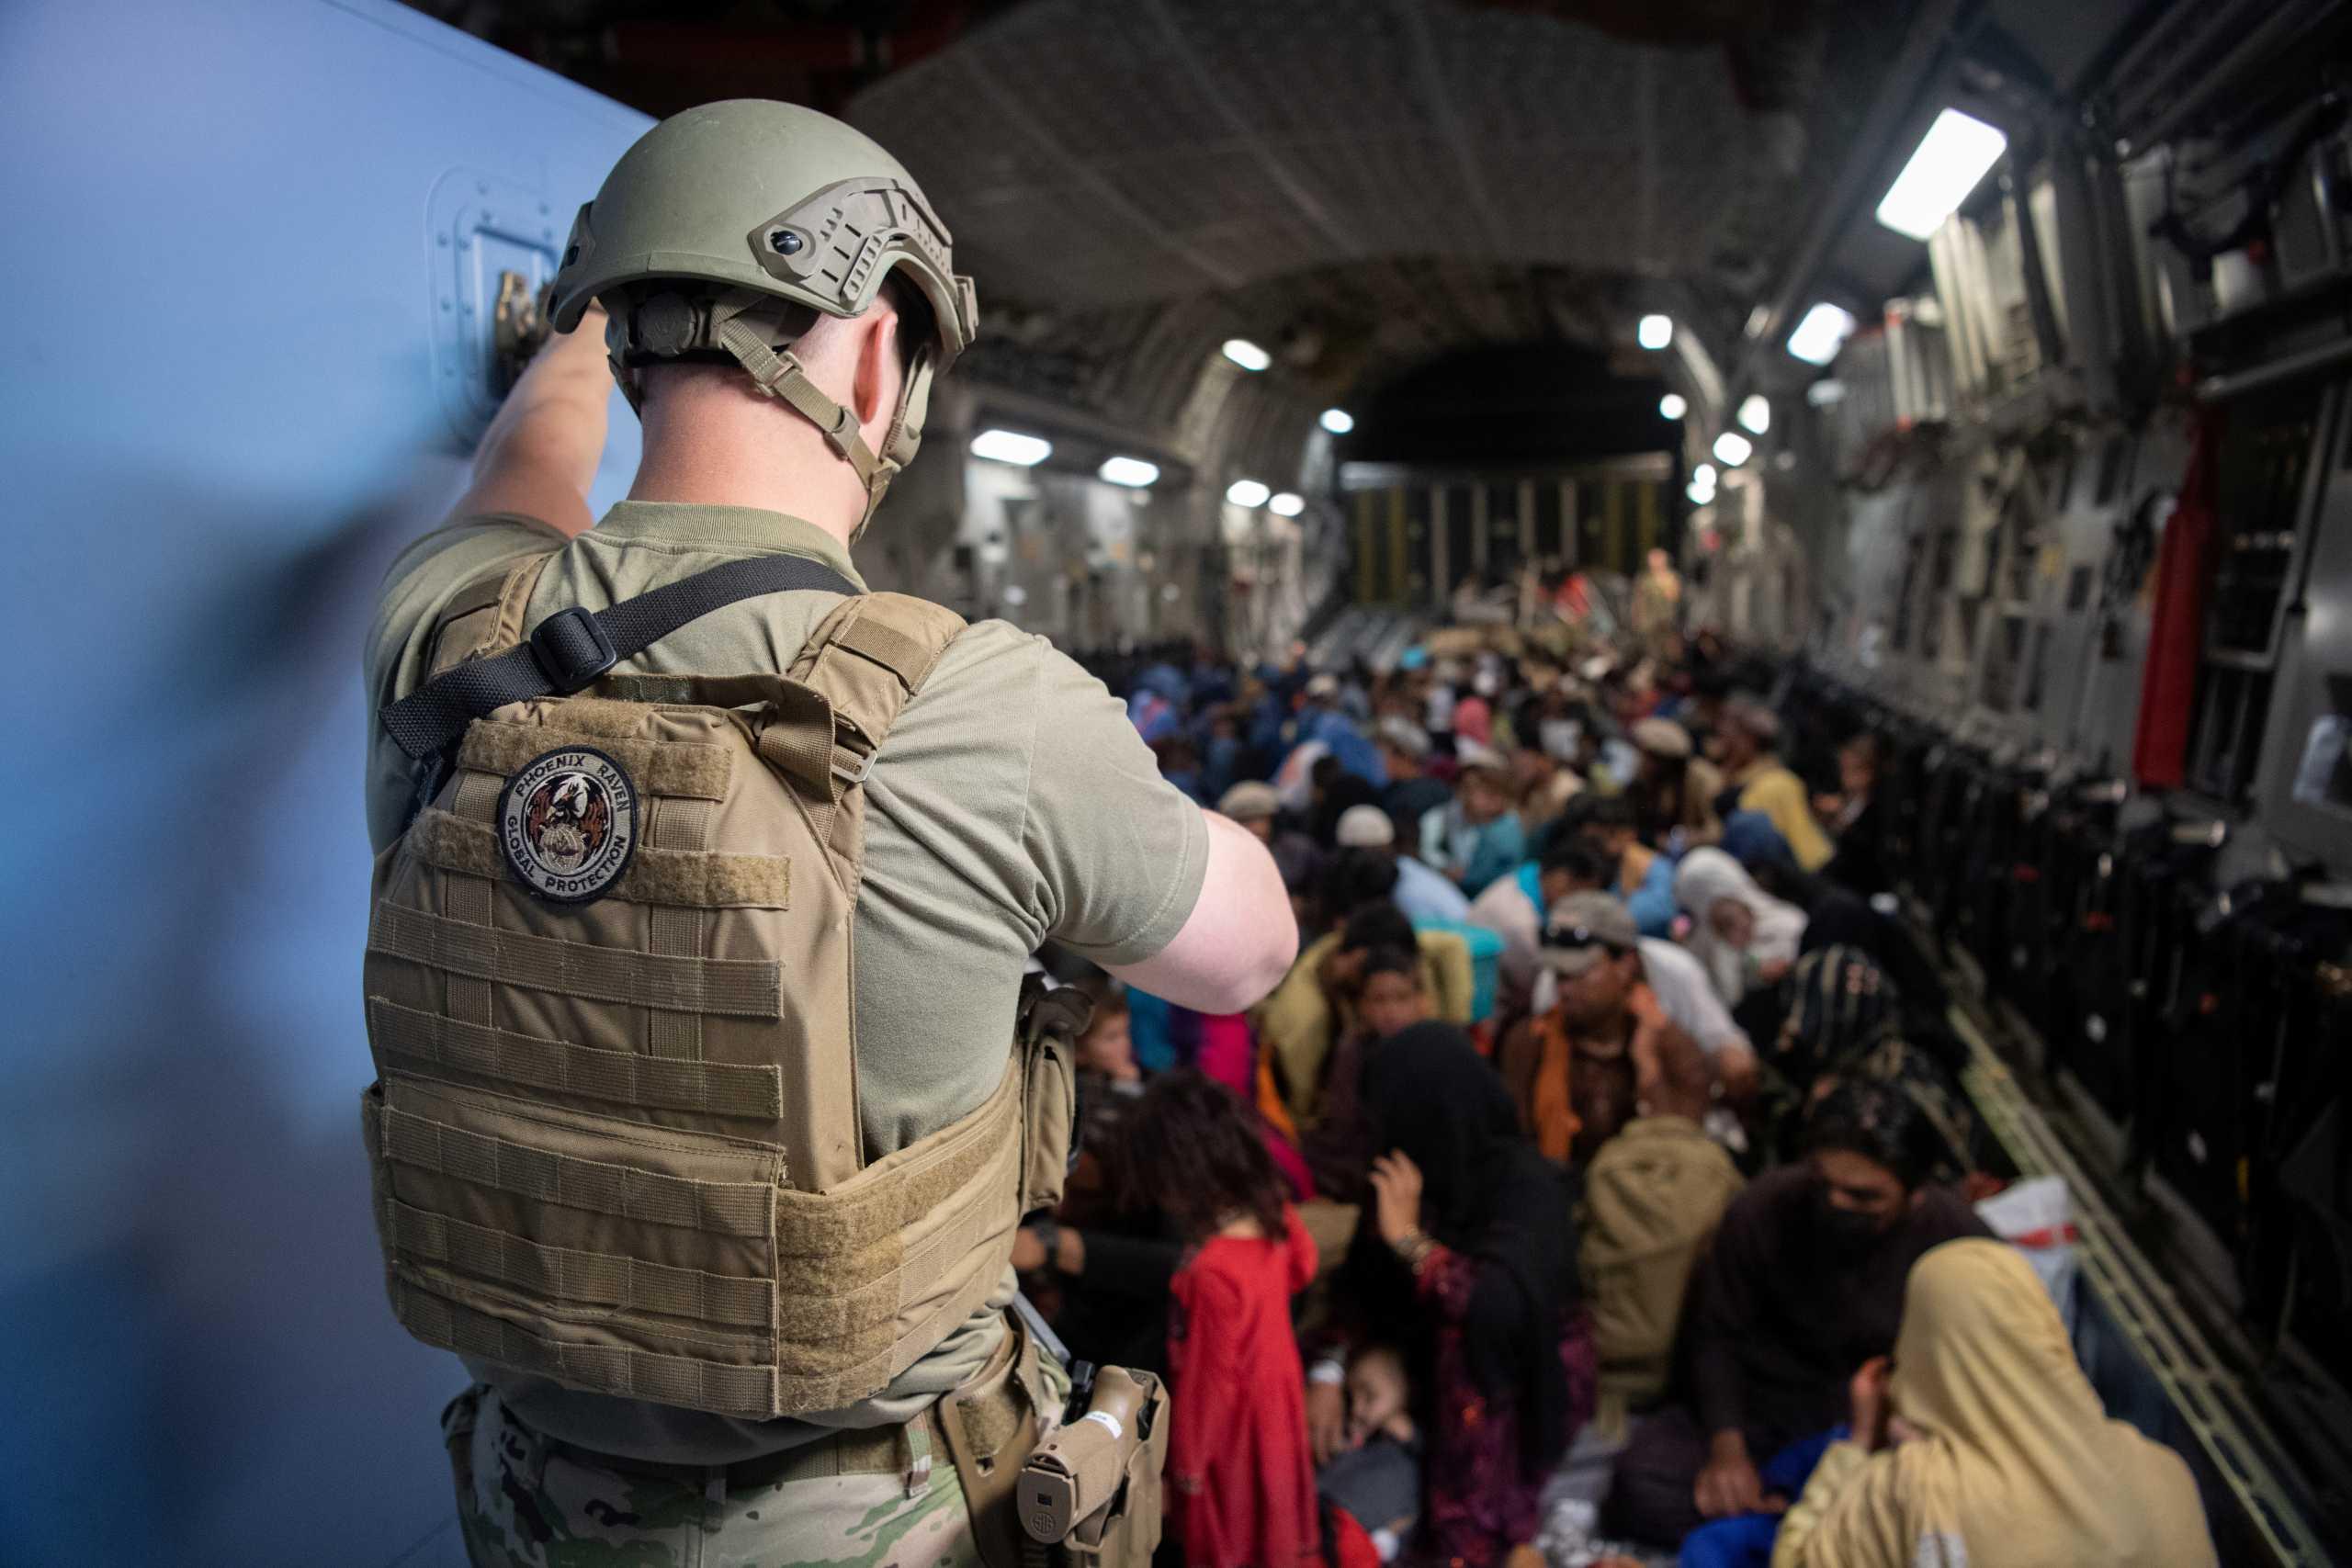 Αφγανιστάν: Οι Ταλιμπάν υπόσχονται ασφάλεια – ΗΠΑ και Βρετανία: Φύγετε από το αεροδρόμιο